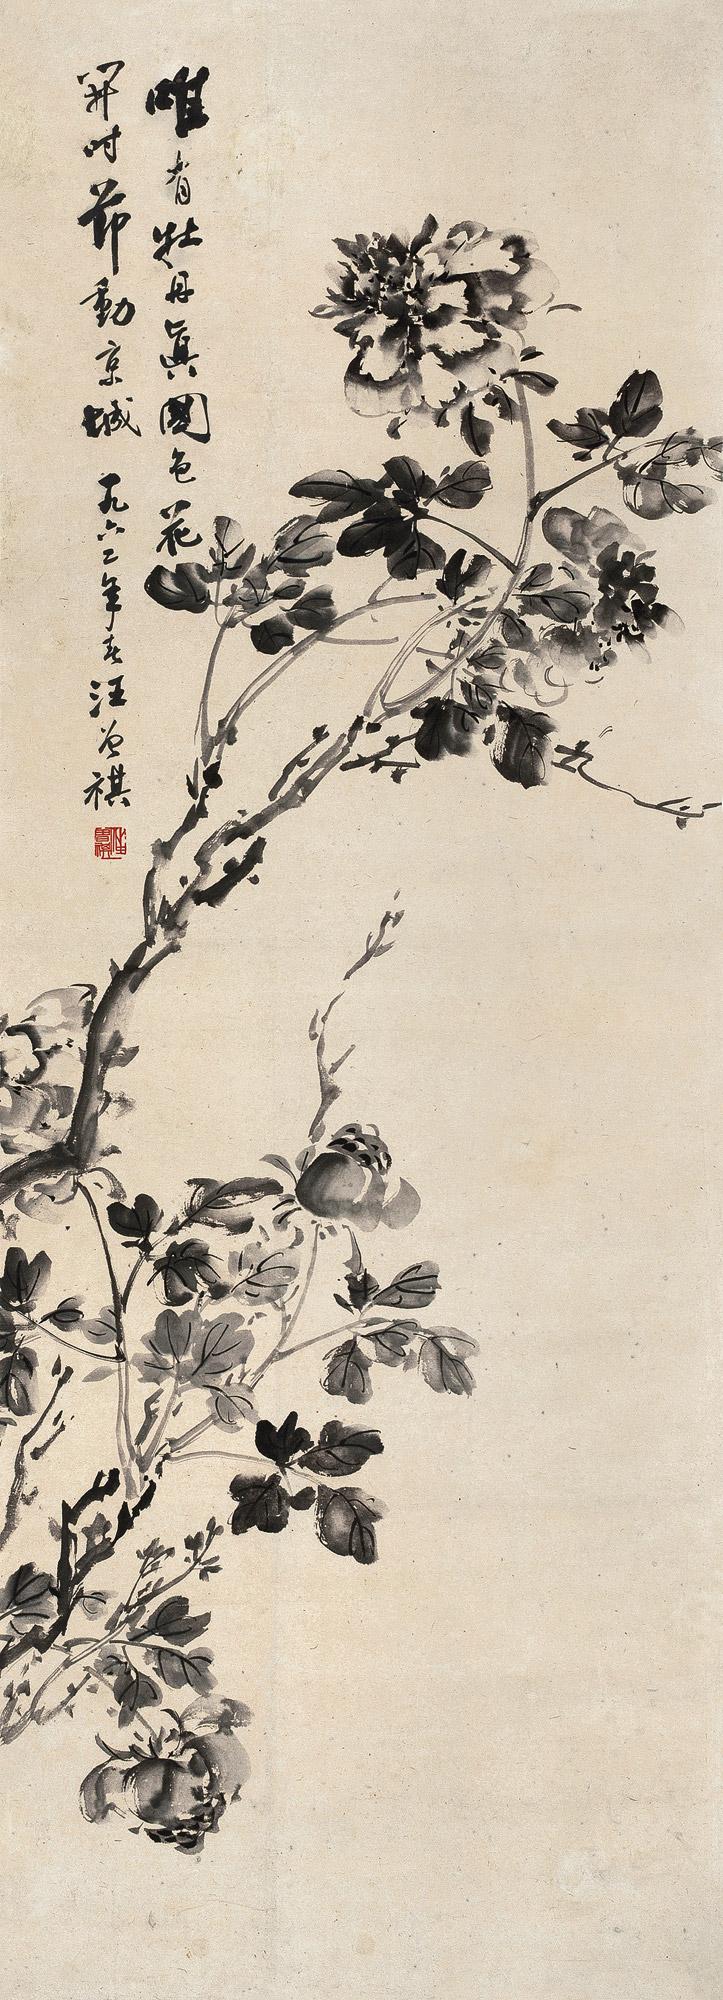 汪曾祺《墨牡丹》1962年作 立轴纸本 130×47cm